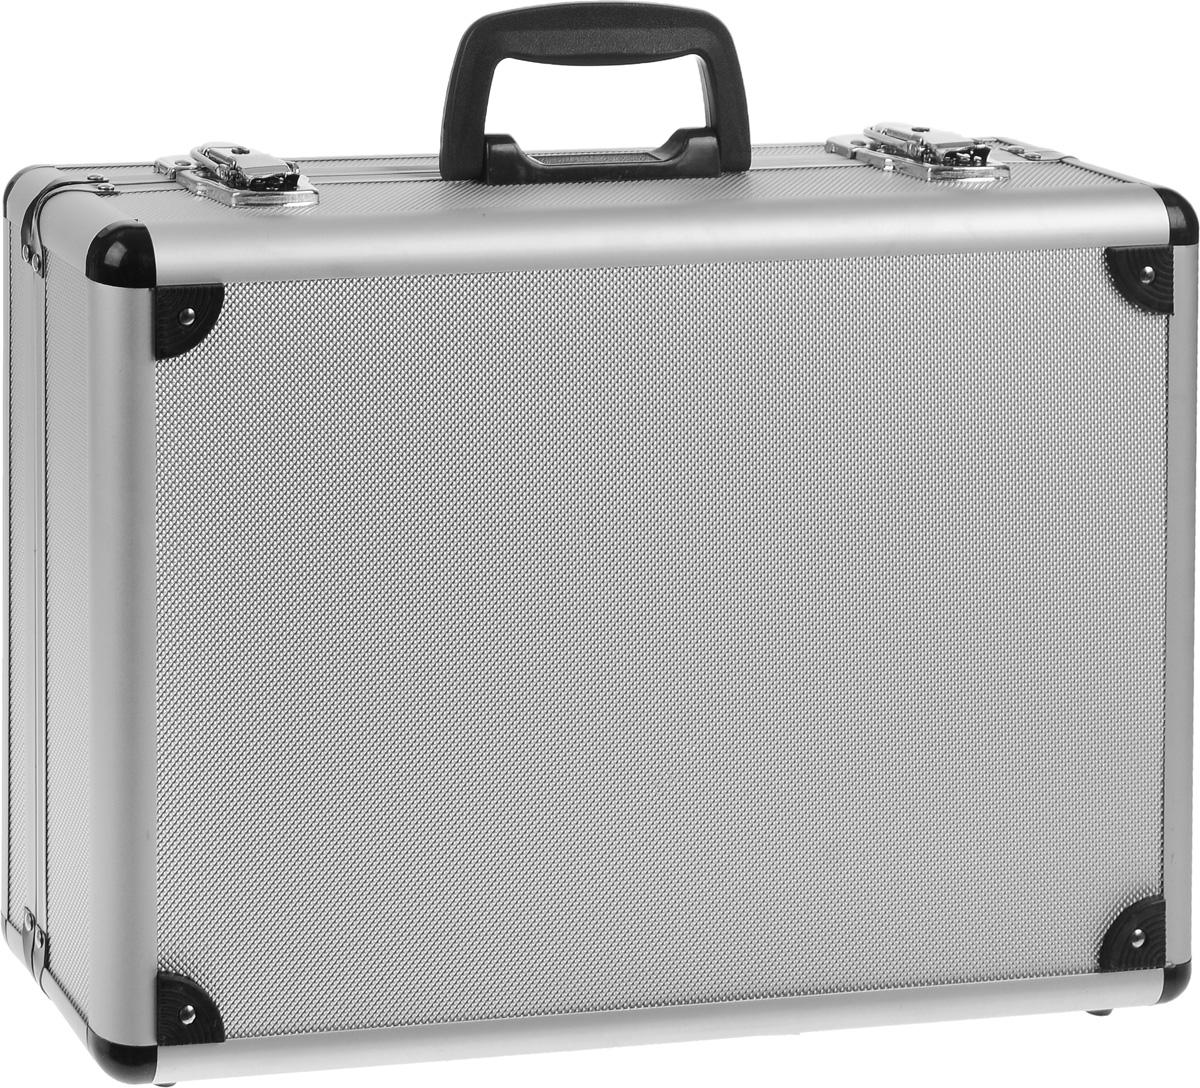 Ящик для инструмента FIT, алюминиевый, 43 х 31 х 13 см98293777Ящик для инструментов FIT изготовлен из алюминия. Внутренние перегородки - переставные, что позволяет изменять пространство ящика по своему усмотрению. Отделка выполнена из мягкого пористого материала, что обеспечивает более бережное хранение инструмента.